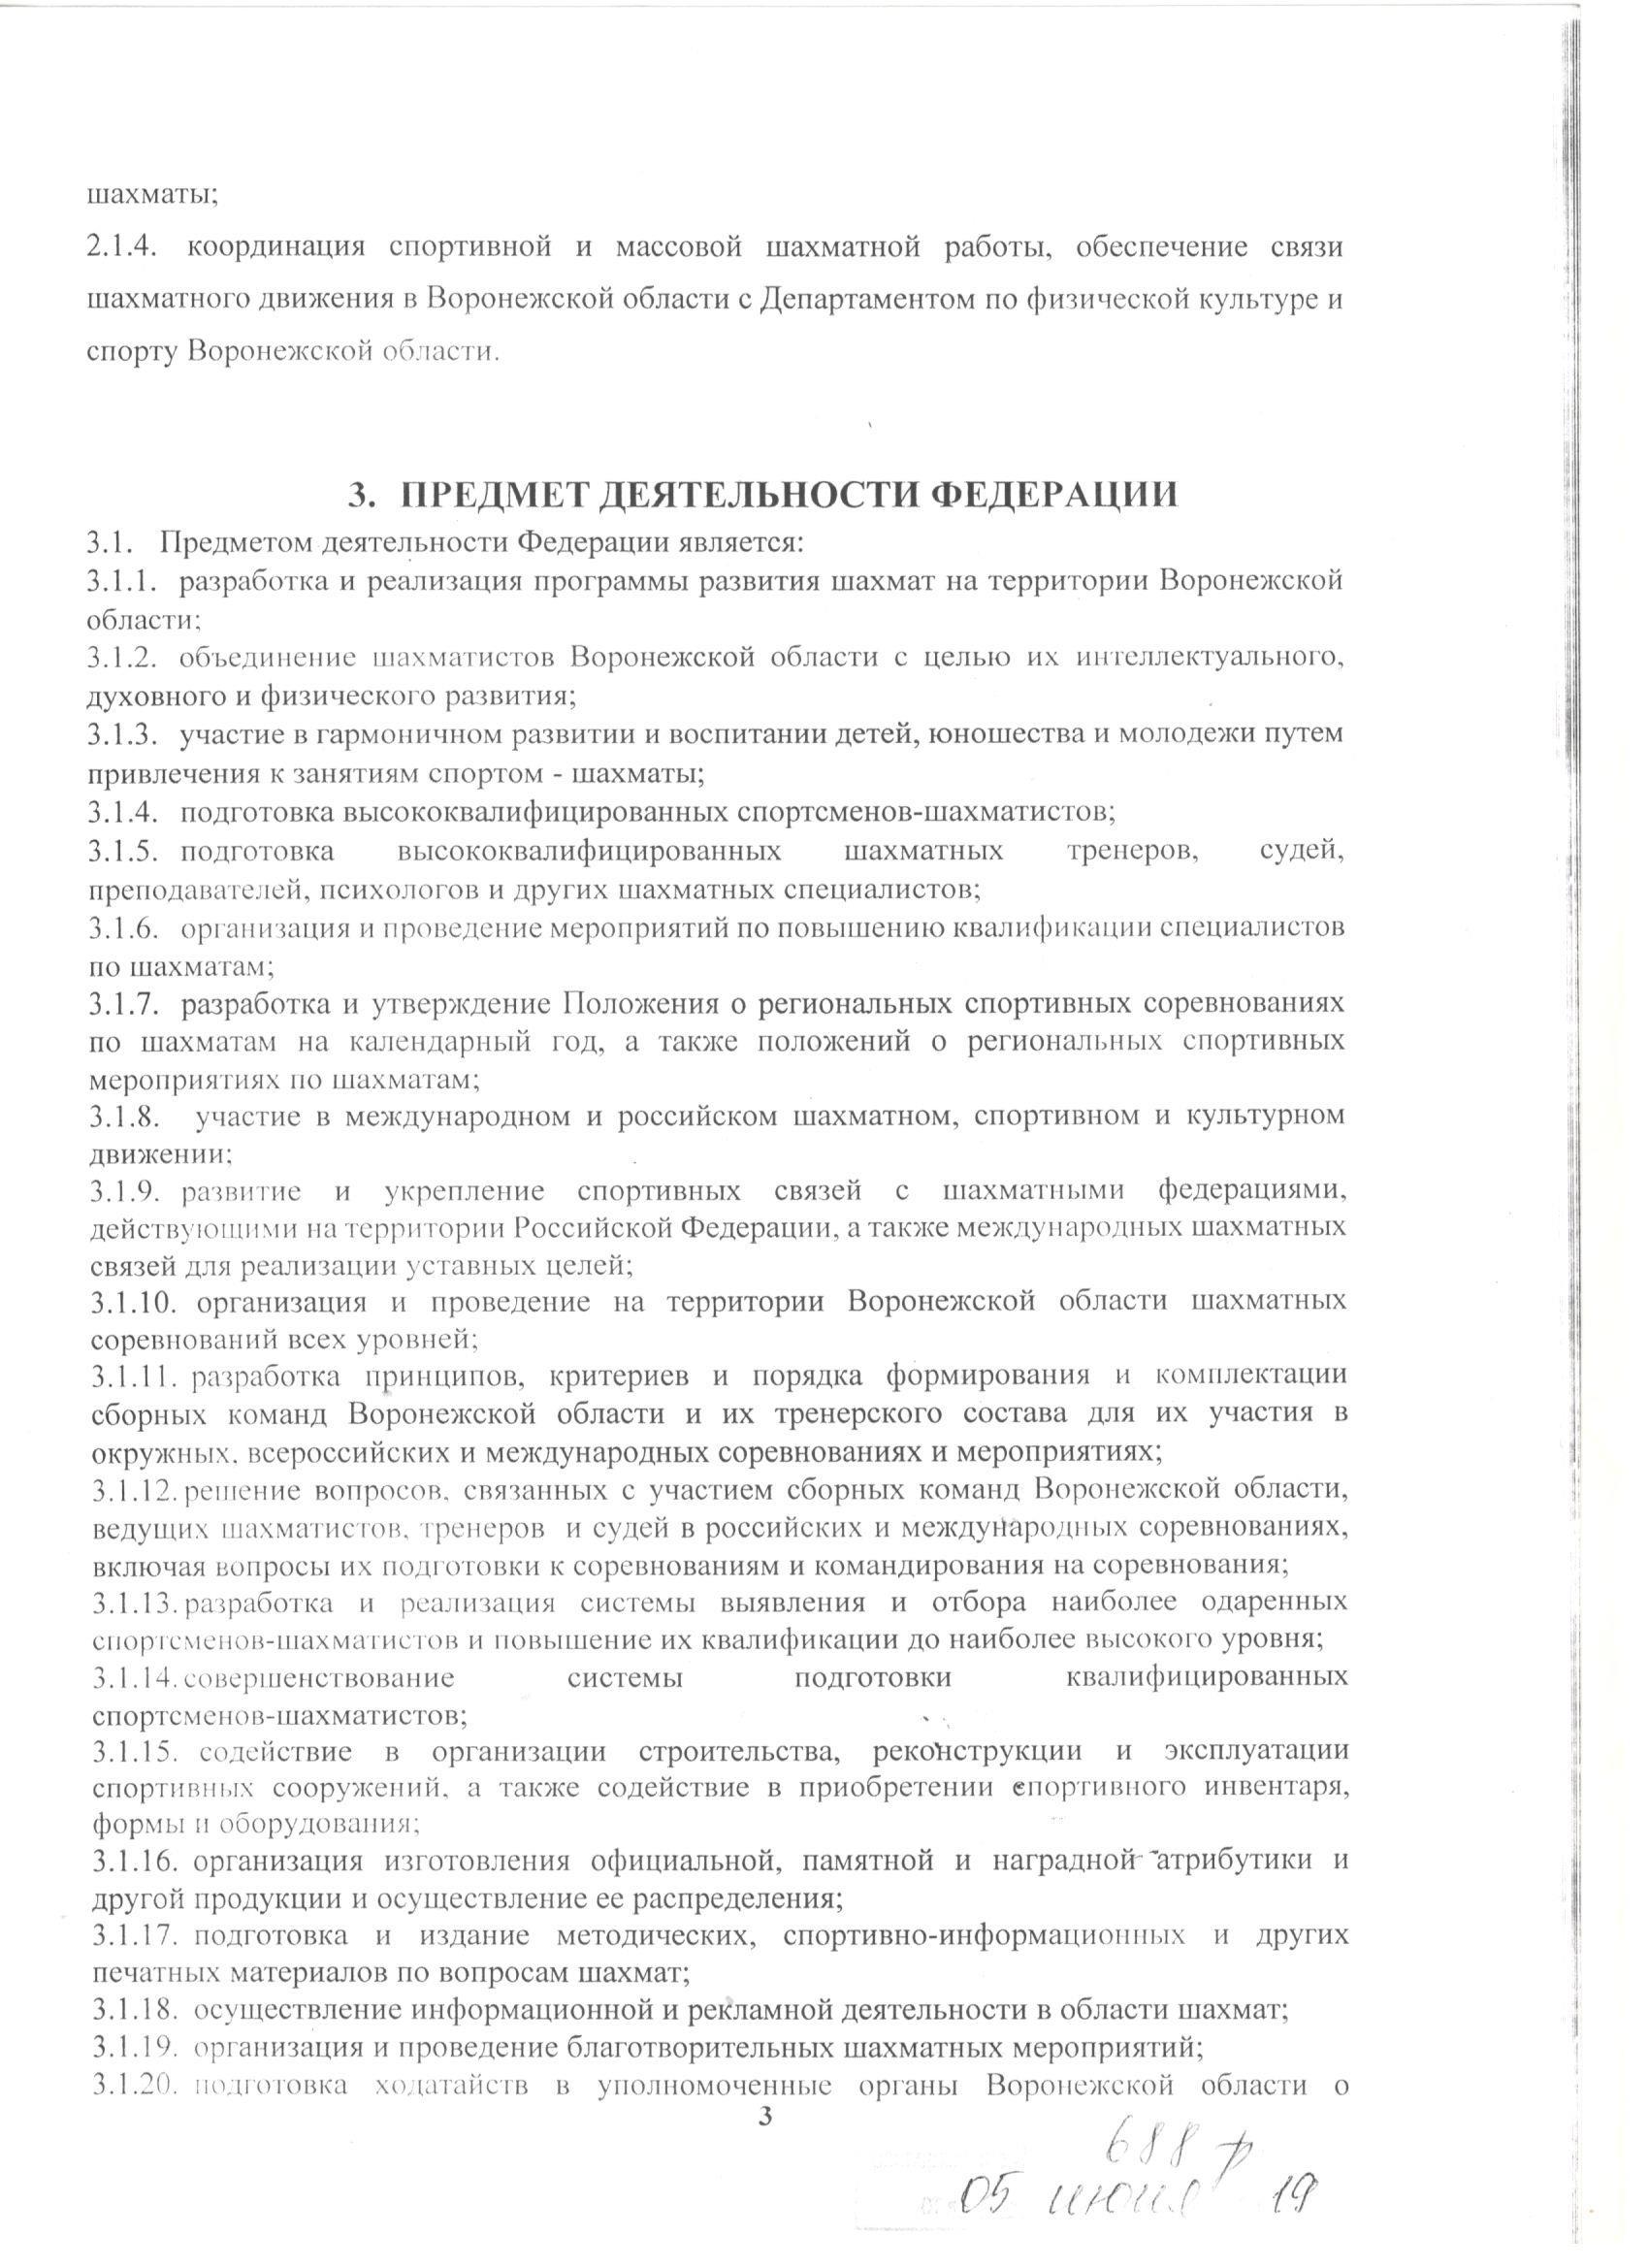 http://forumupload.ru/uploads/0014/11/ca/2/811018.jpg